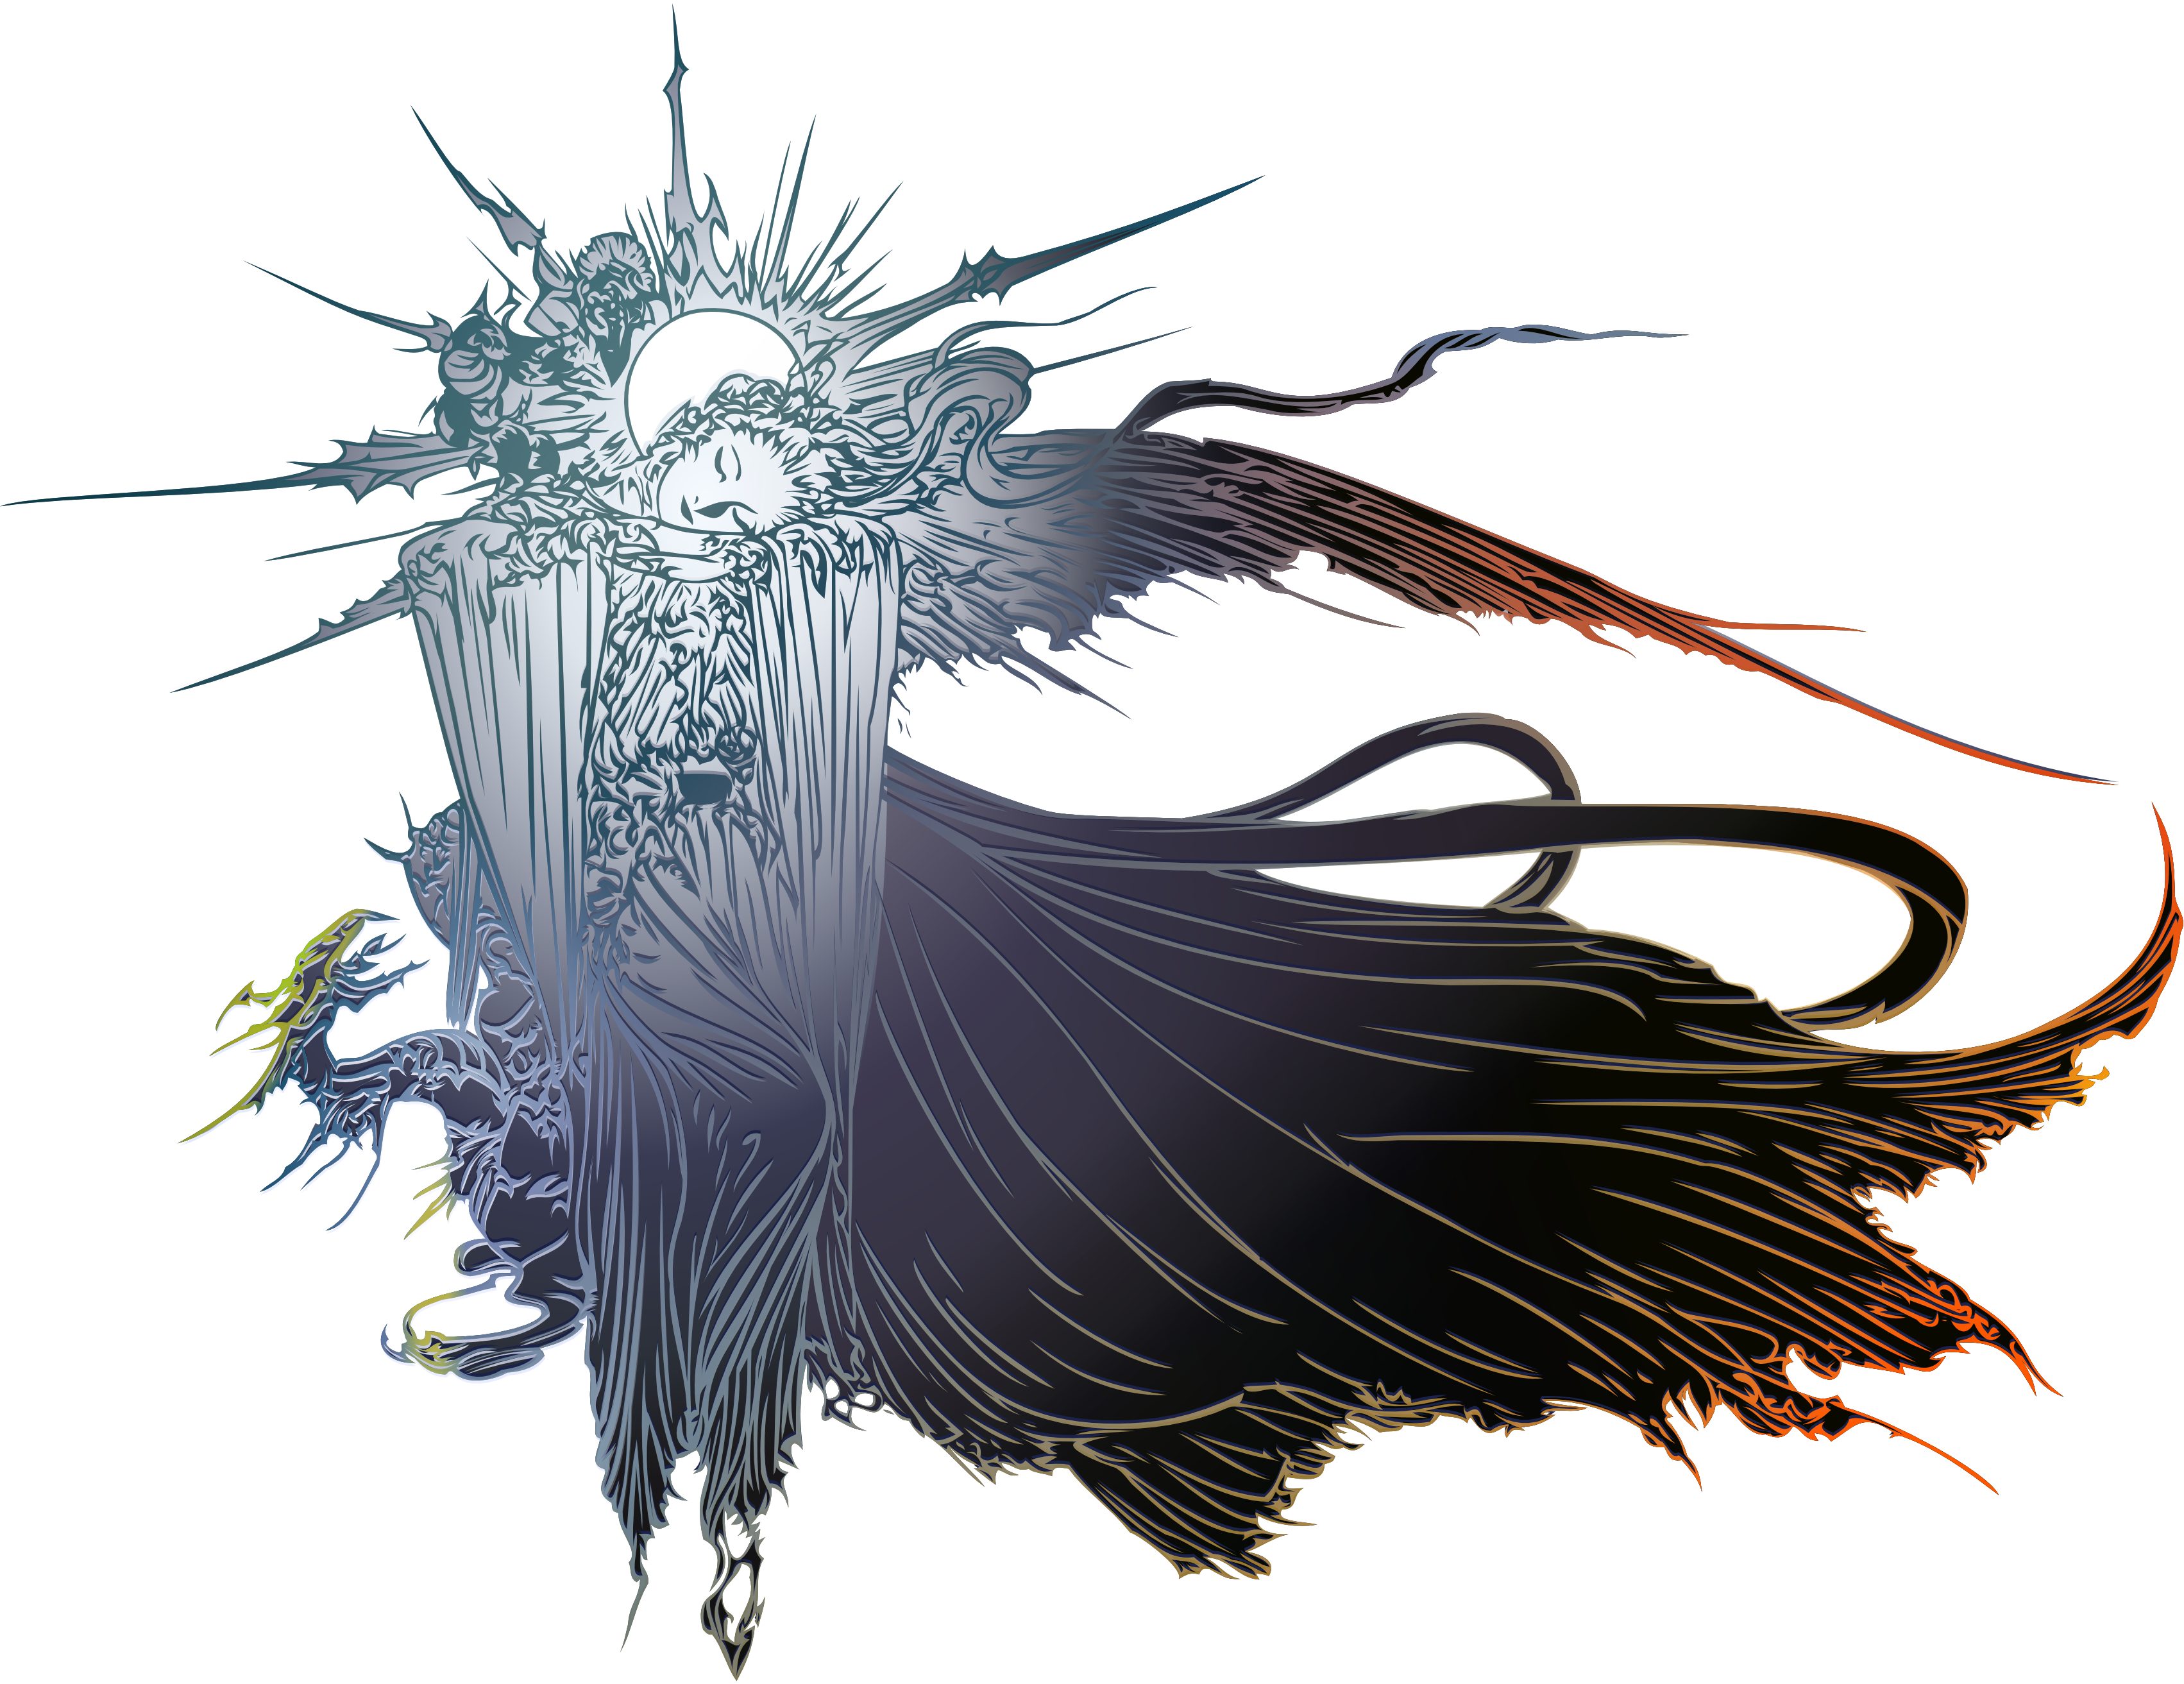 Final Fantasy Xv Logo Uhd 4k Wallpaper: Final Fantasy XV Logo By Eldi13 On DeviantArt